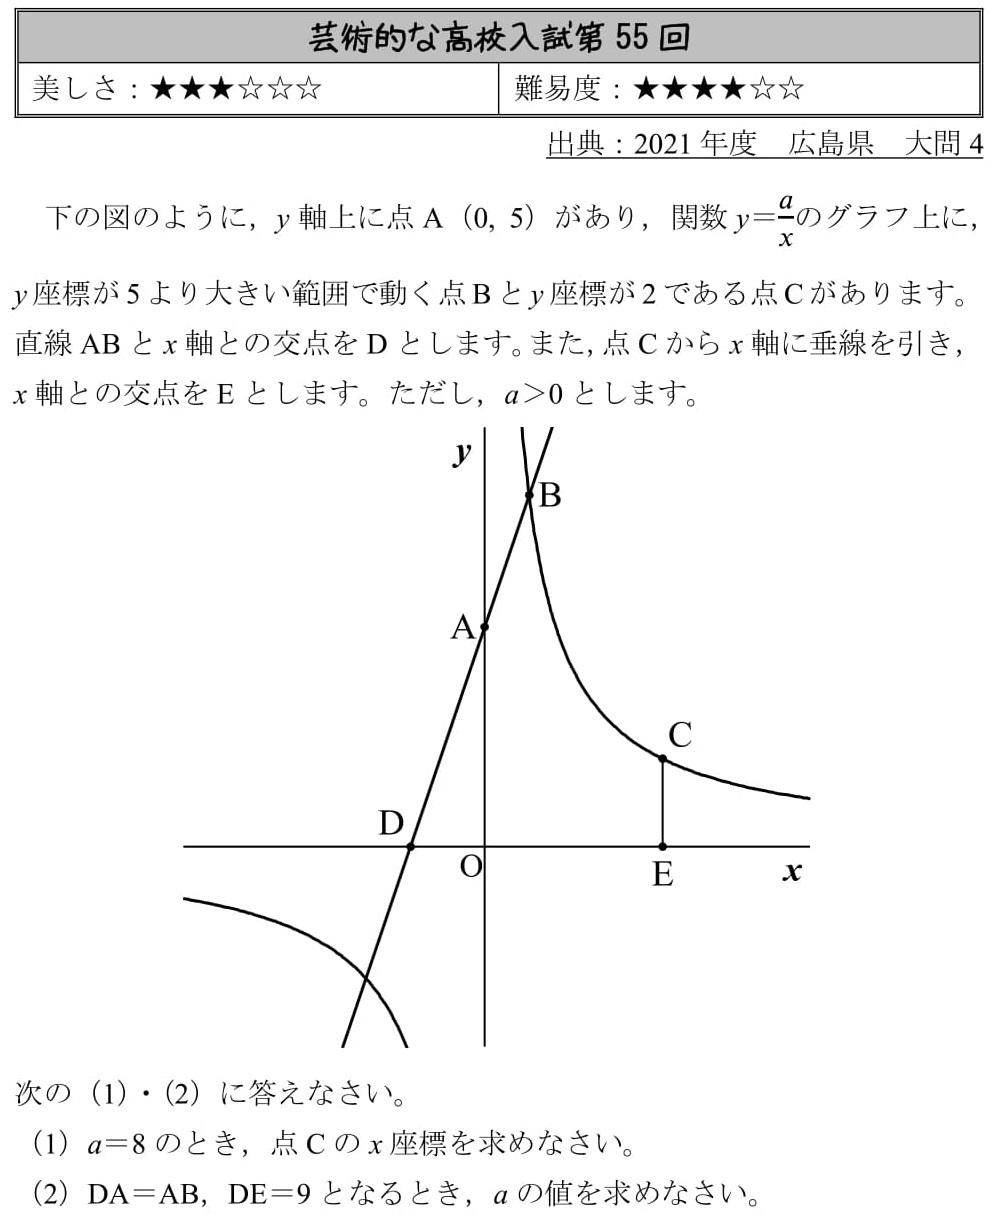 2021 広島県 高校入試 過去問 数学 反比例 1次関数 良問 難問 解説